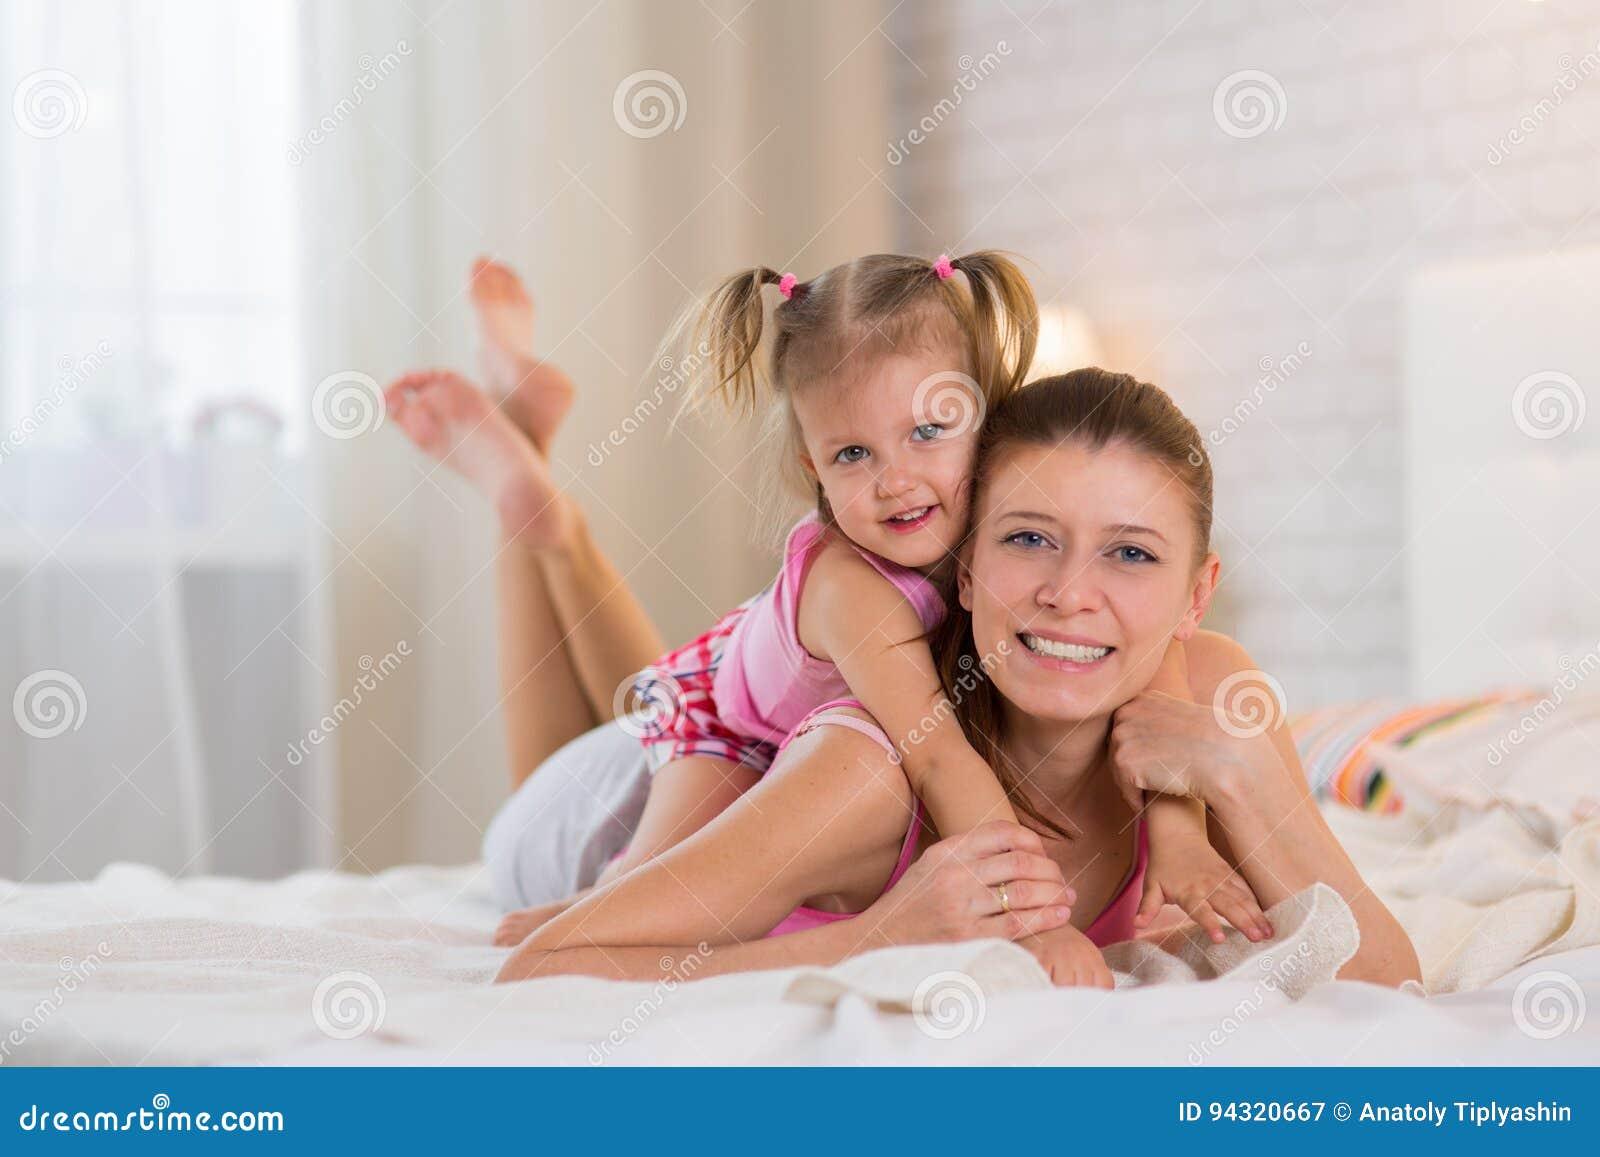 Девушек раздвинутыми в спальне с мамочкой грубый секс